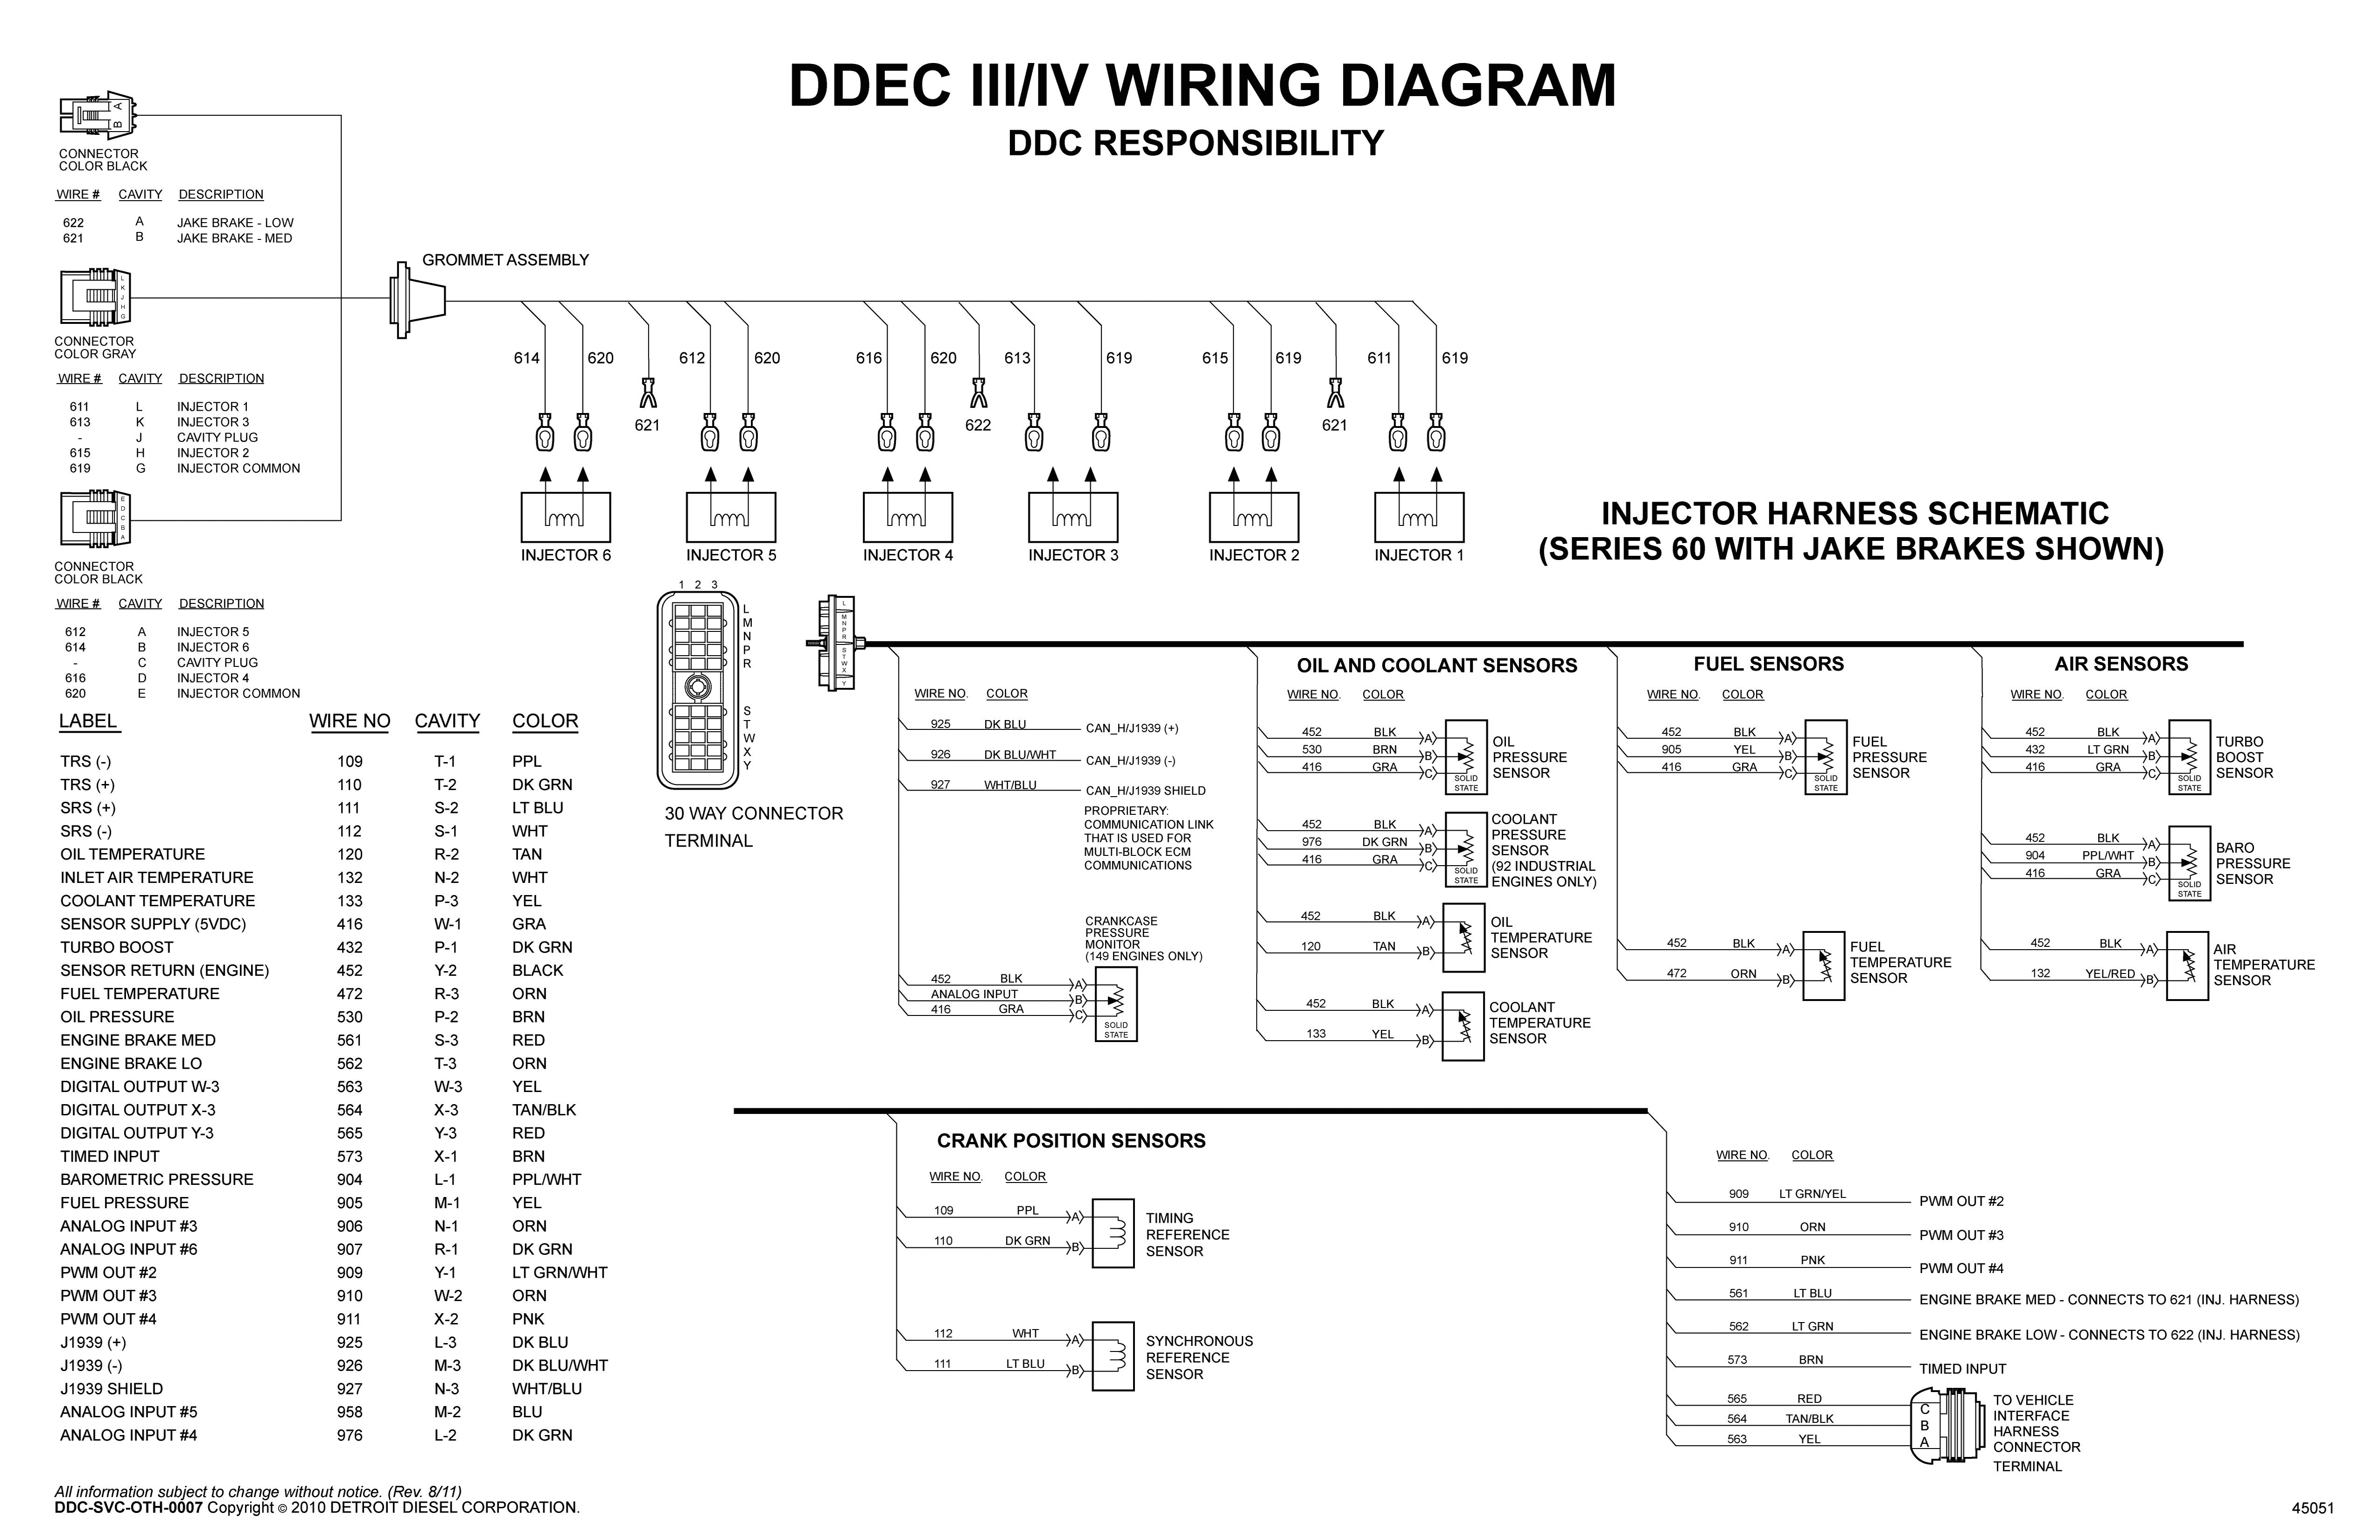 detroit series 60 ecm wiring diagram for diesel jpg